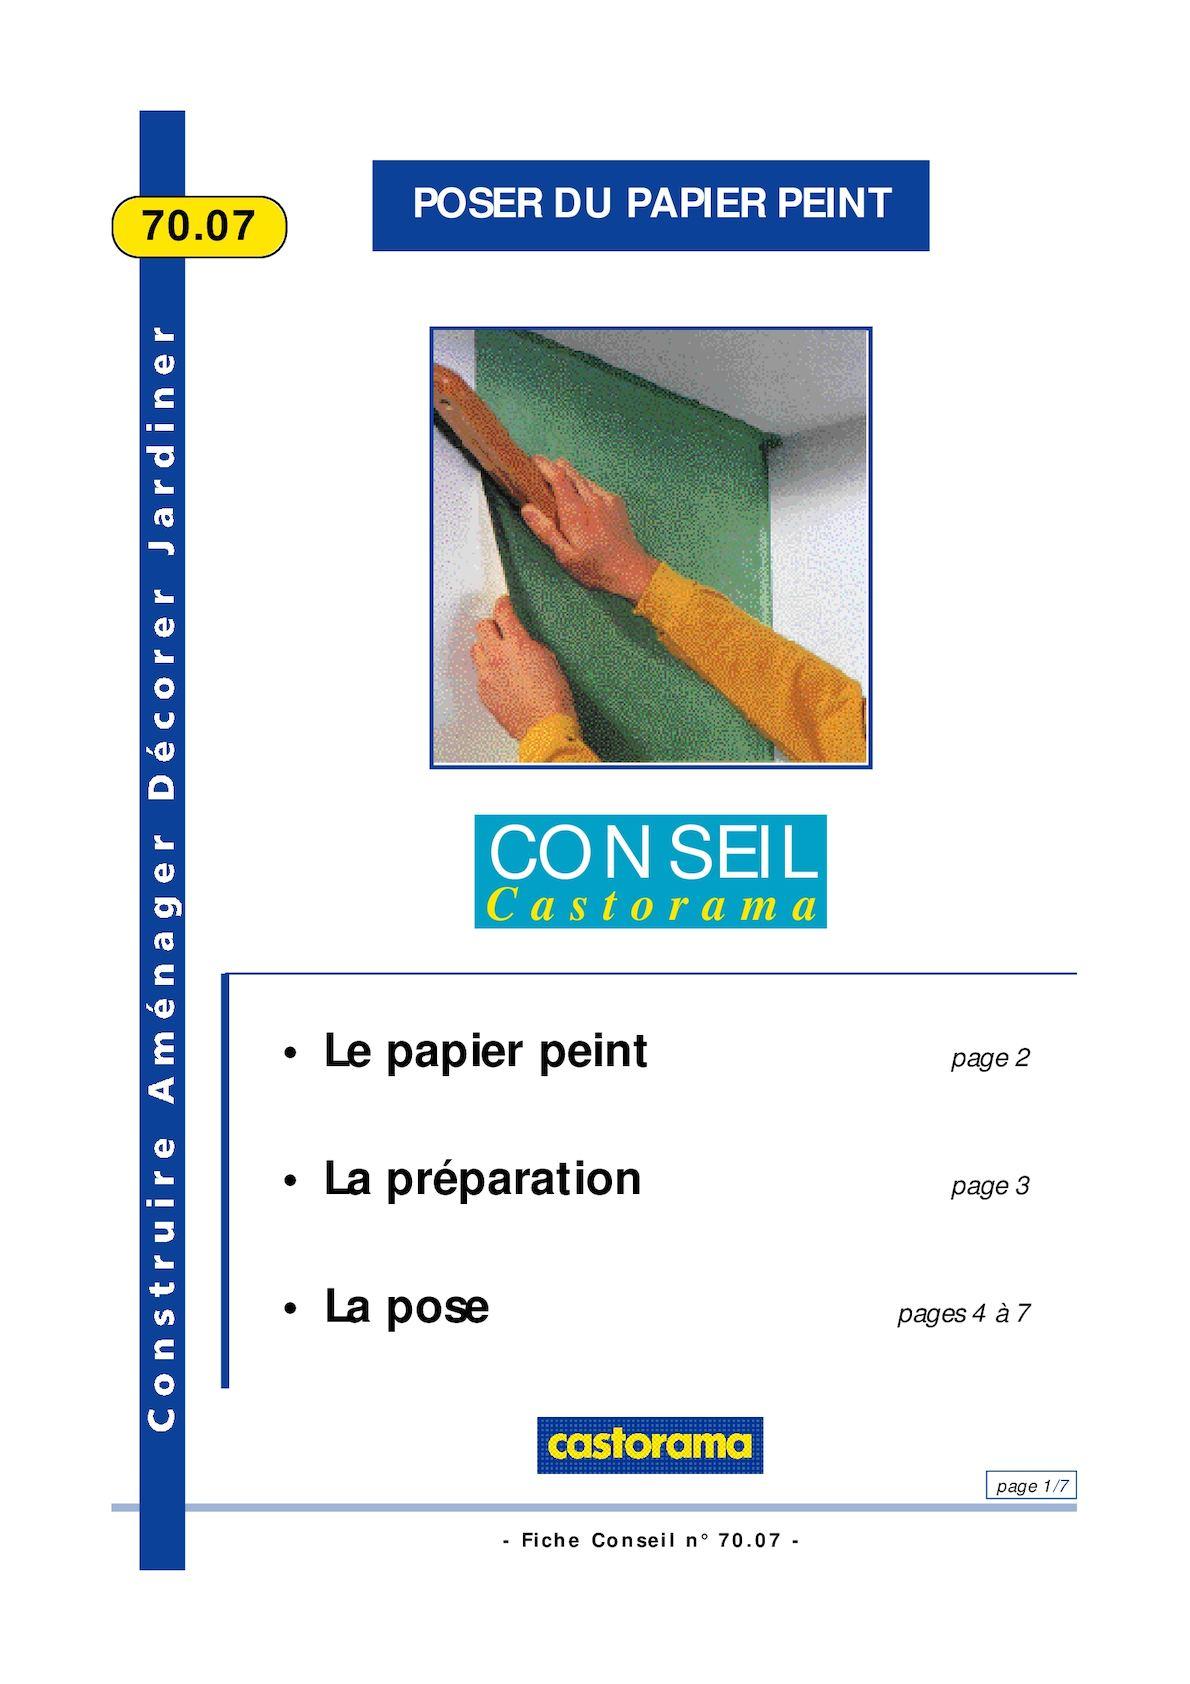 Spatule Décoller Papier Peint calaméo - poser du papier peint